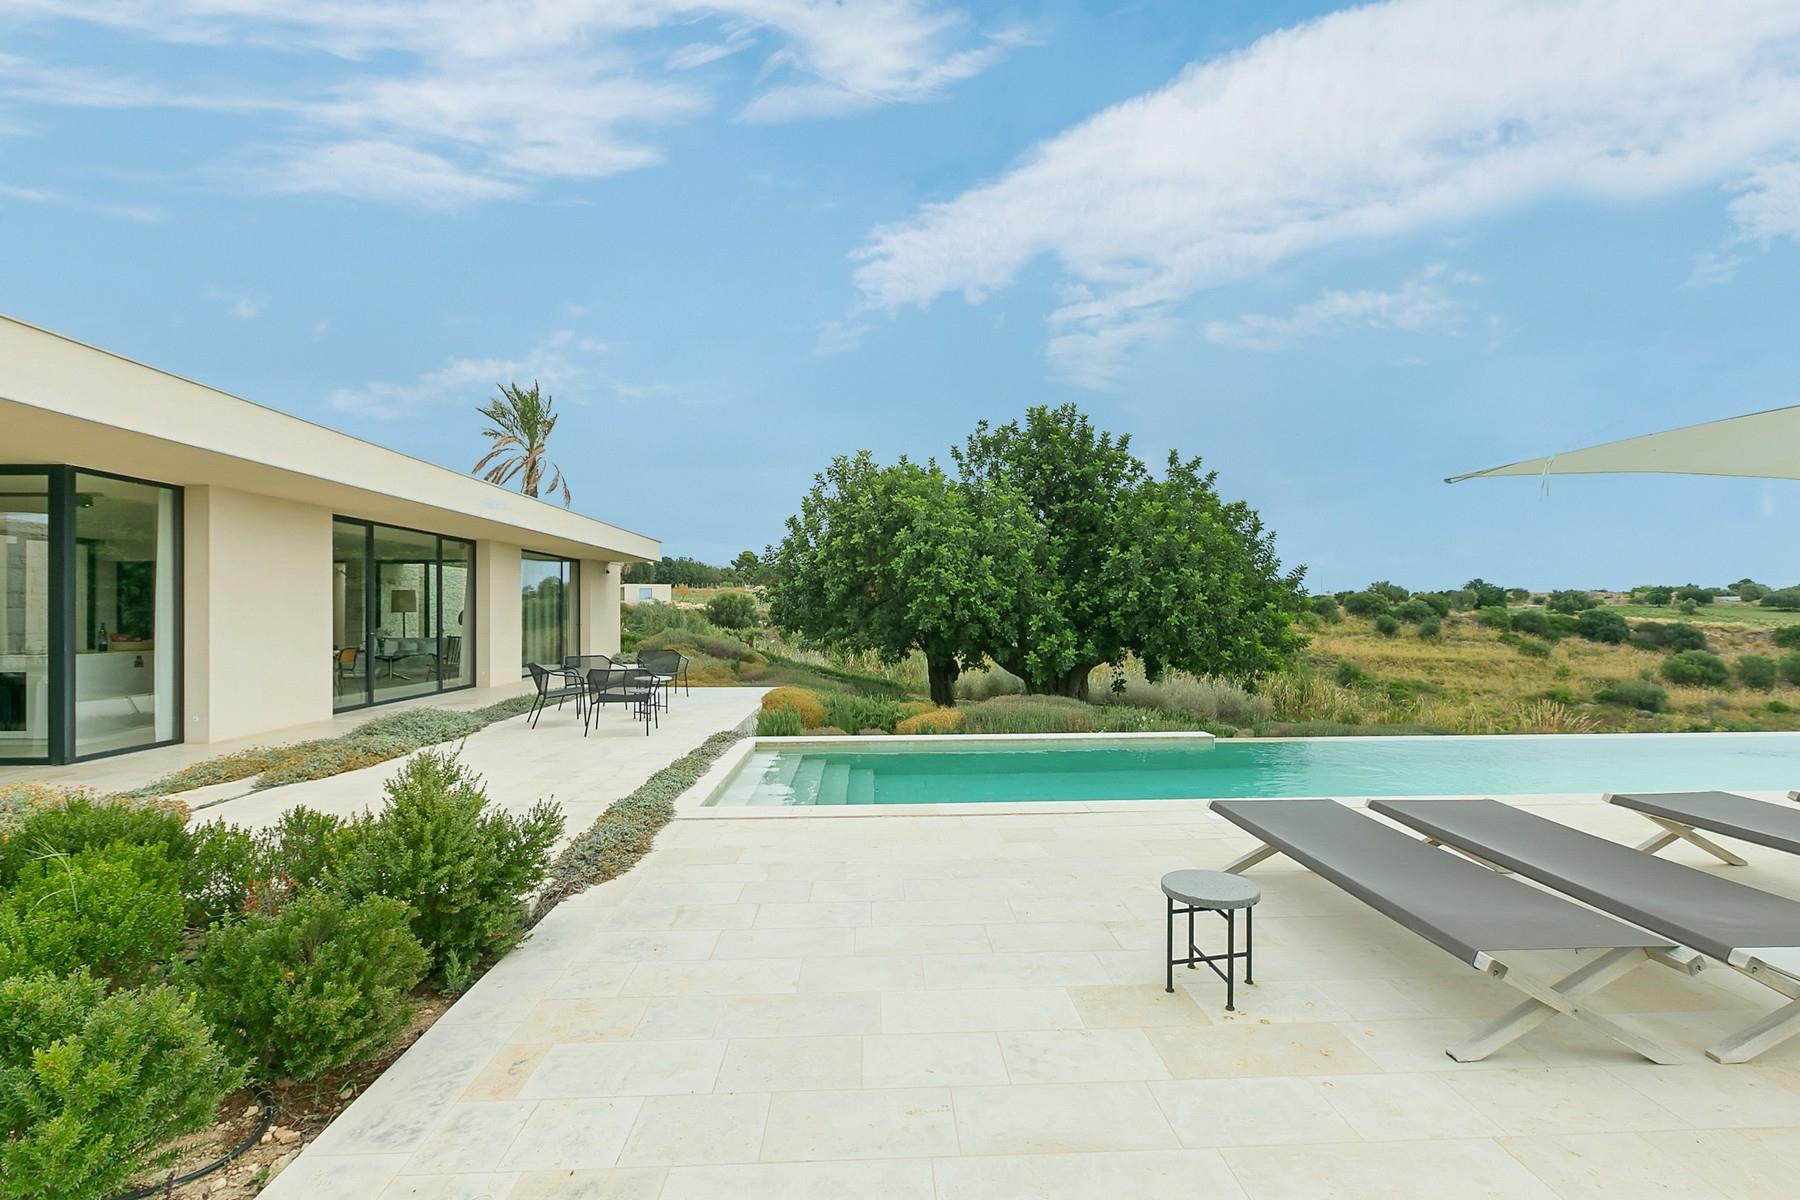 Villa in Vendita a Avola contrada meti